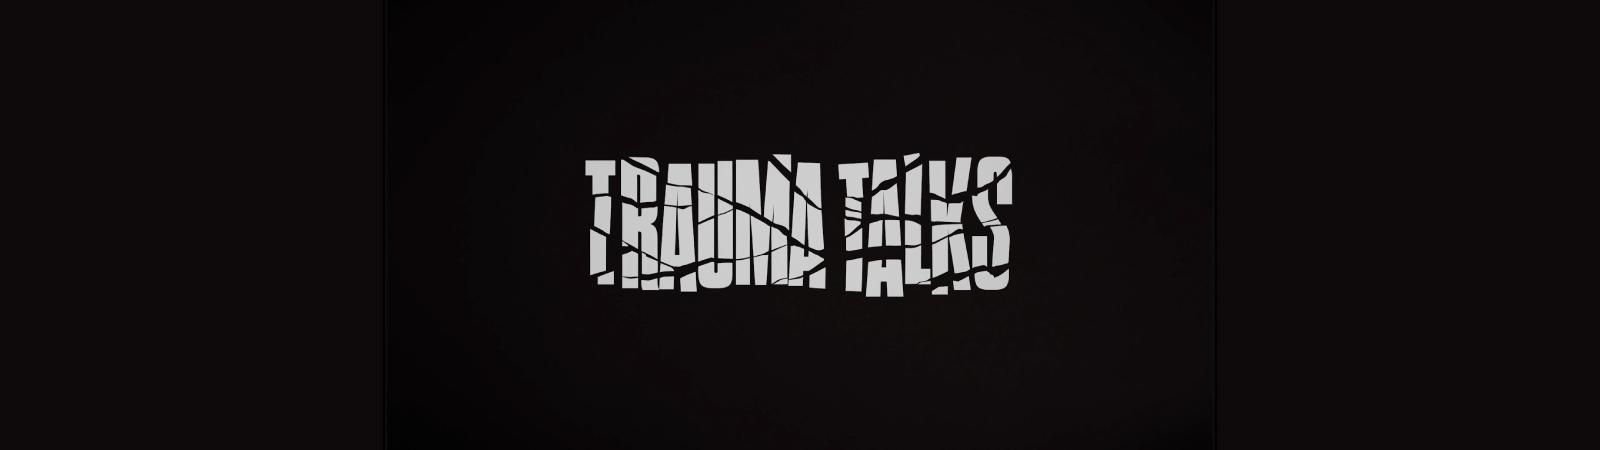 Trauma Talks